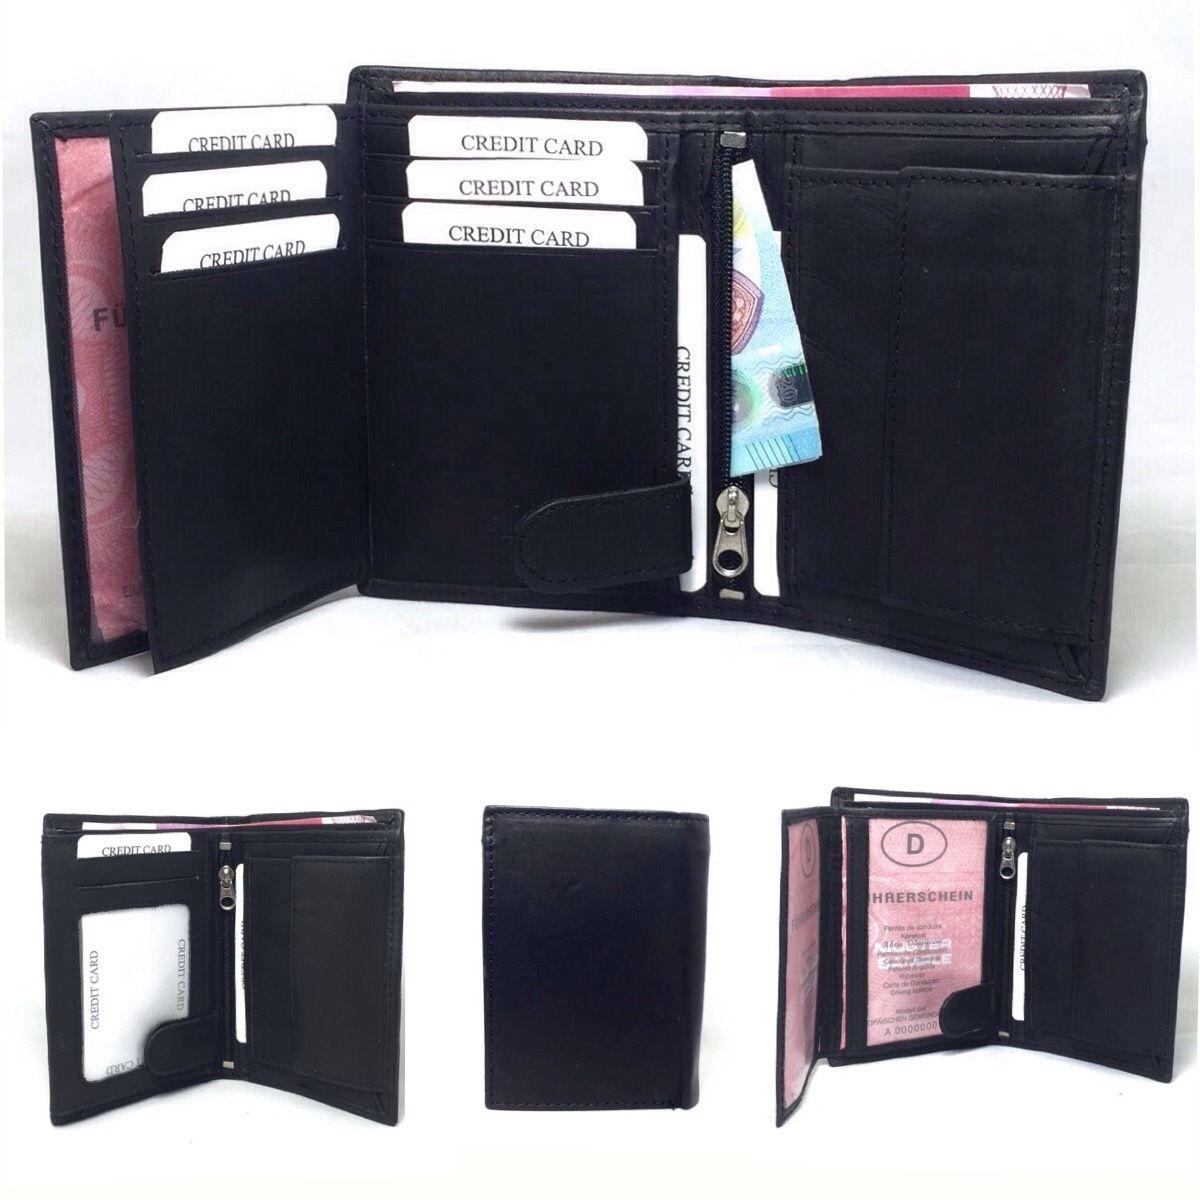 Damen Leder Geldbörse Portmonee Portemonnaie Börse Geldbeutel Brieftasche Neu